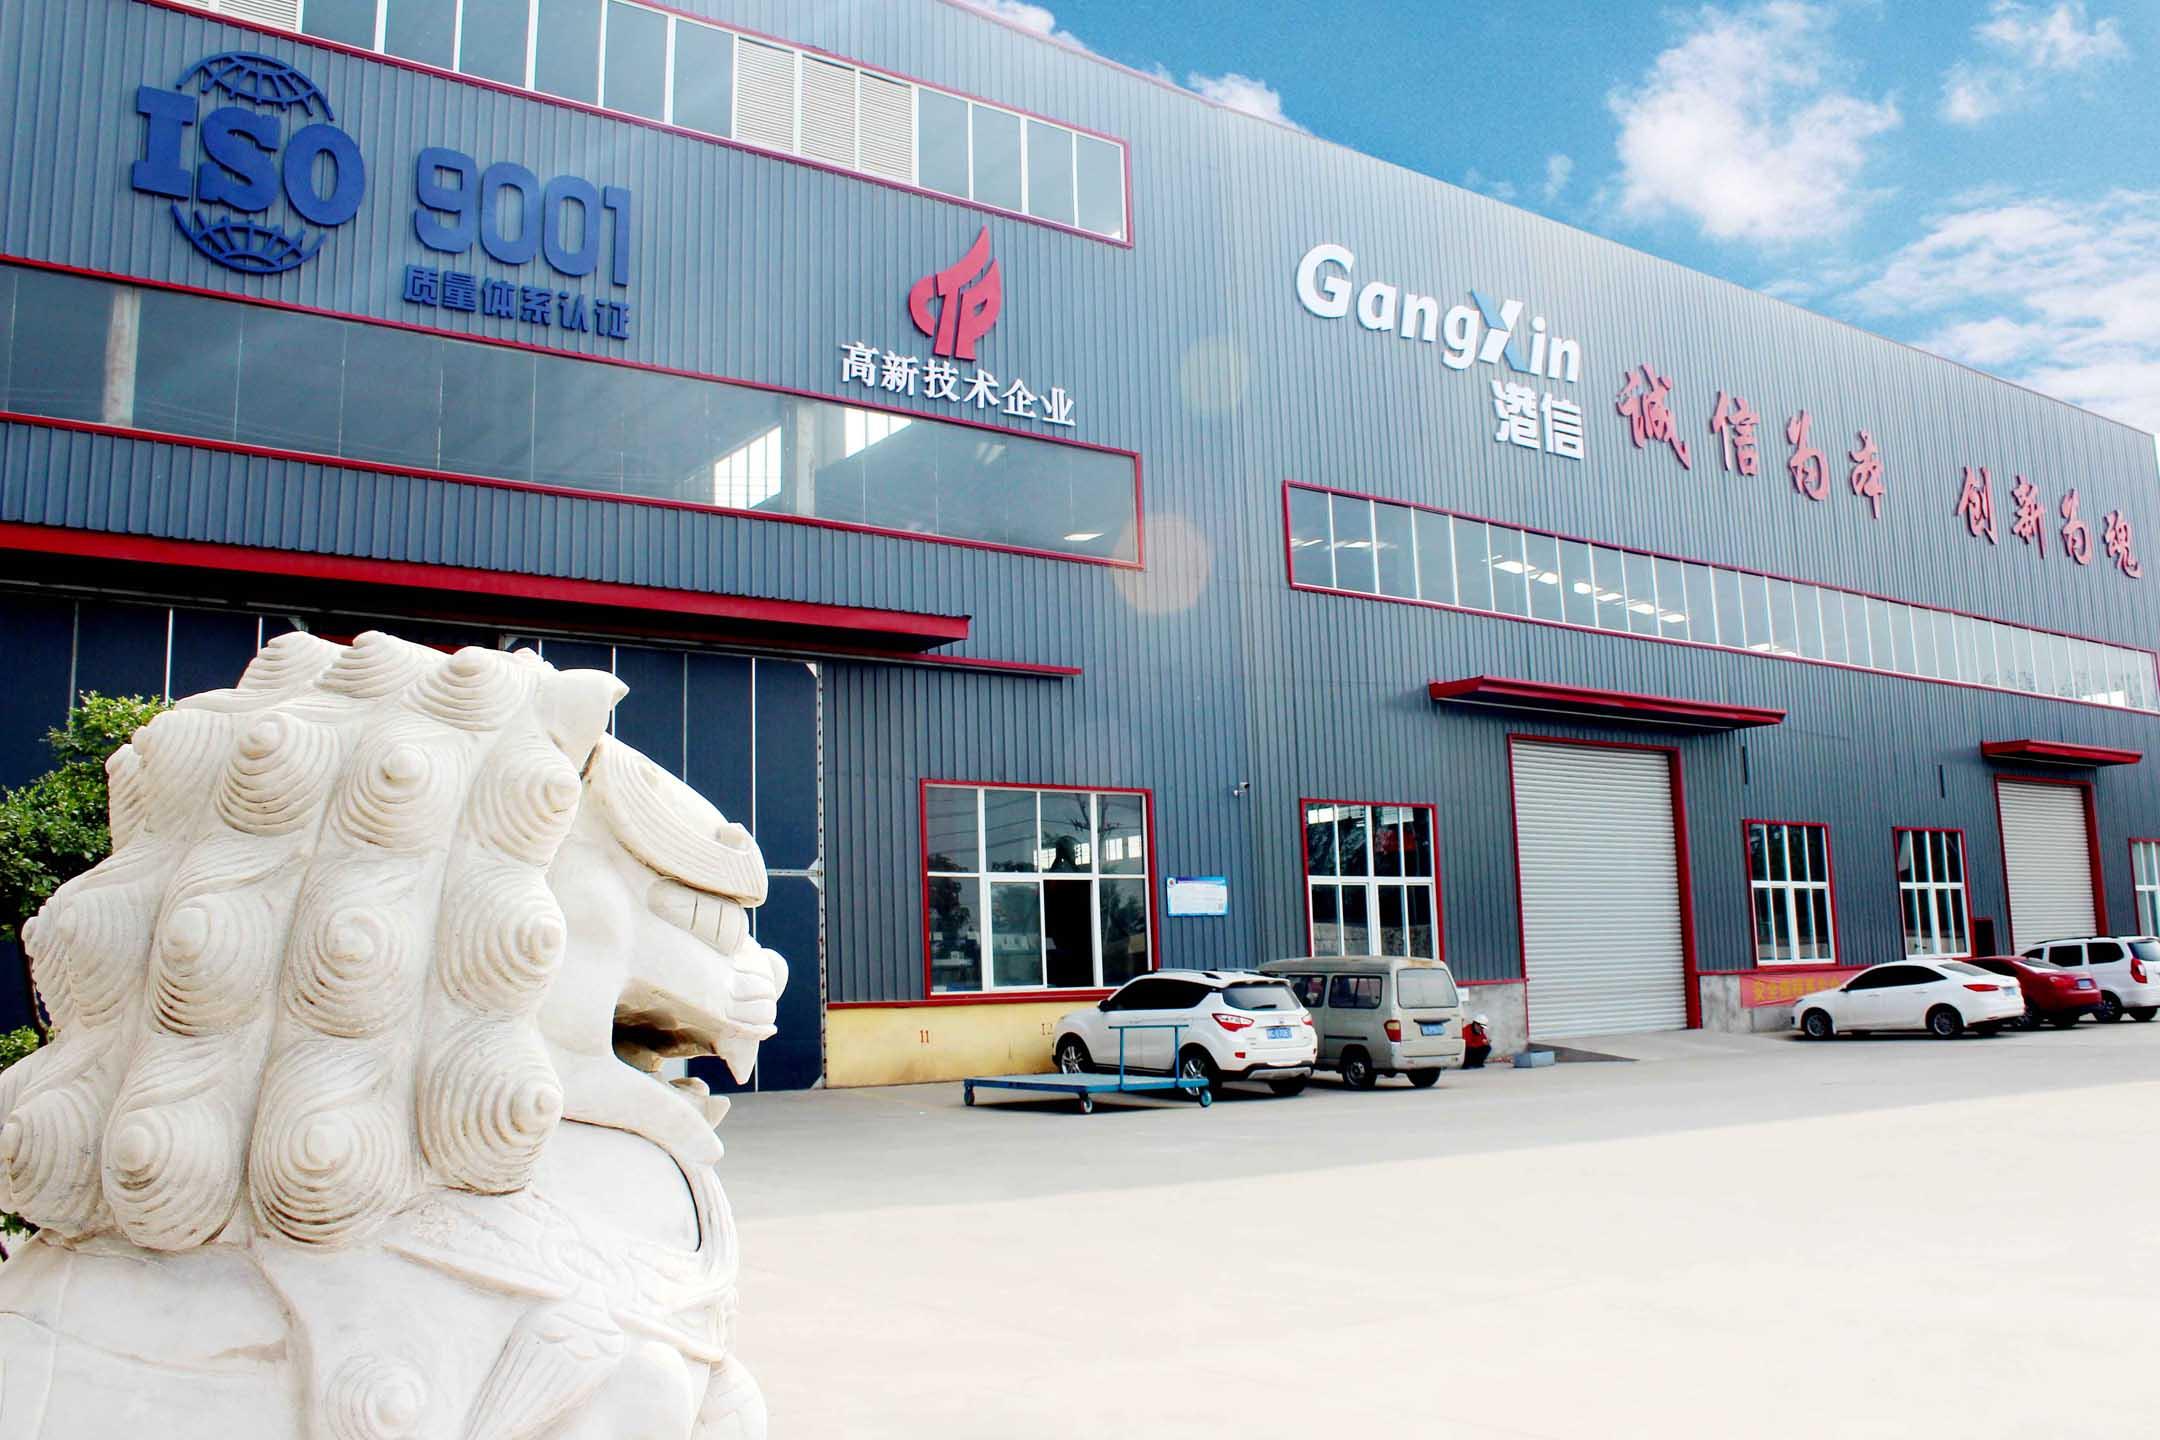 洛阳港信玻璃技术有限公司